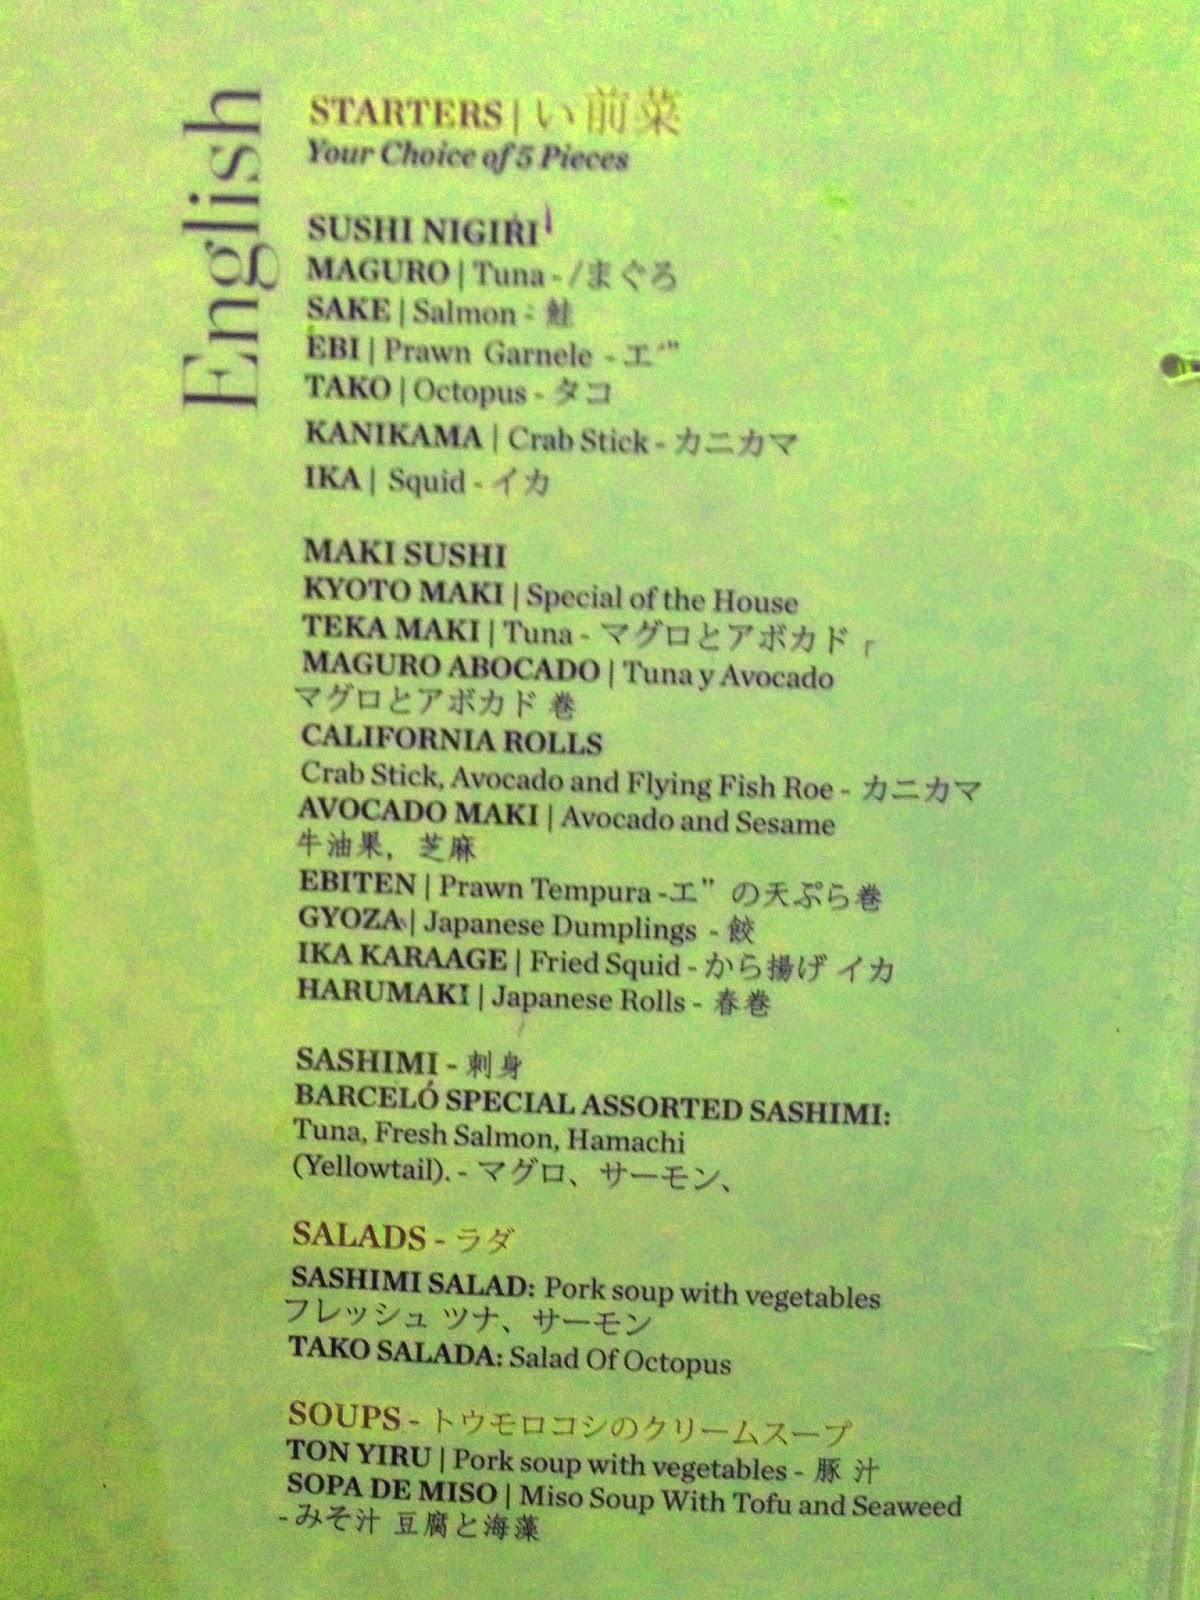 プンタカナの日本食レストランKyotoの変なメニュー